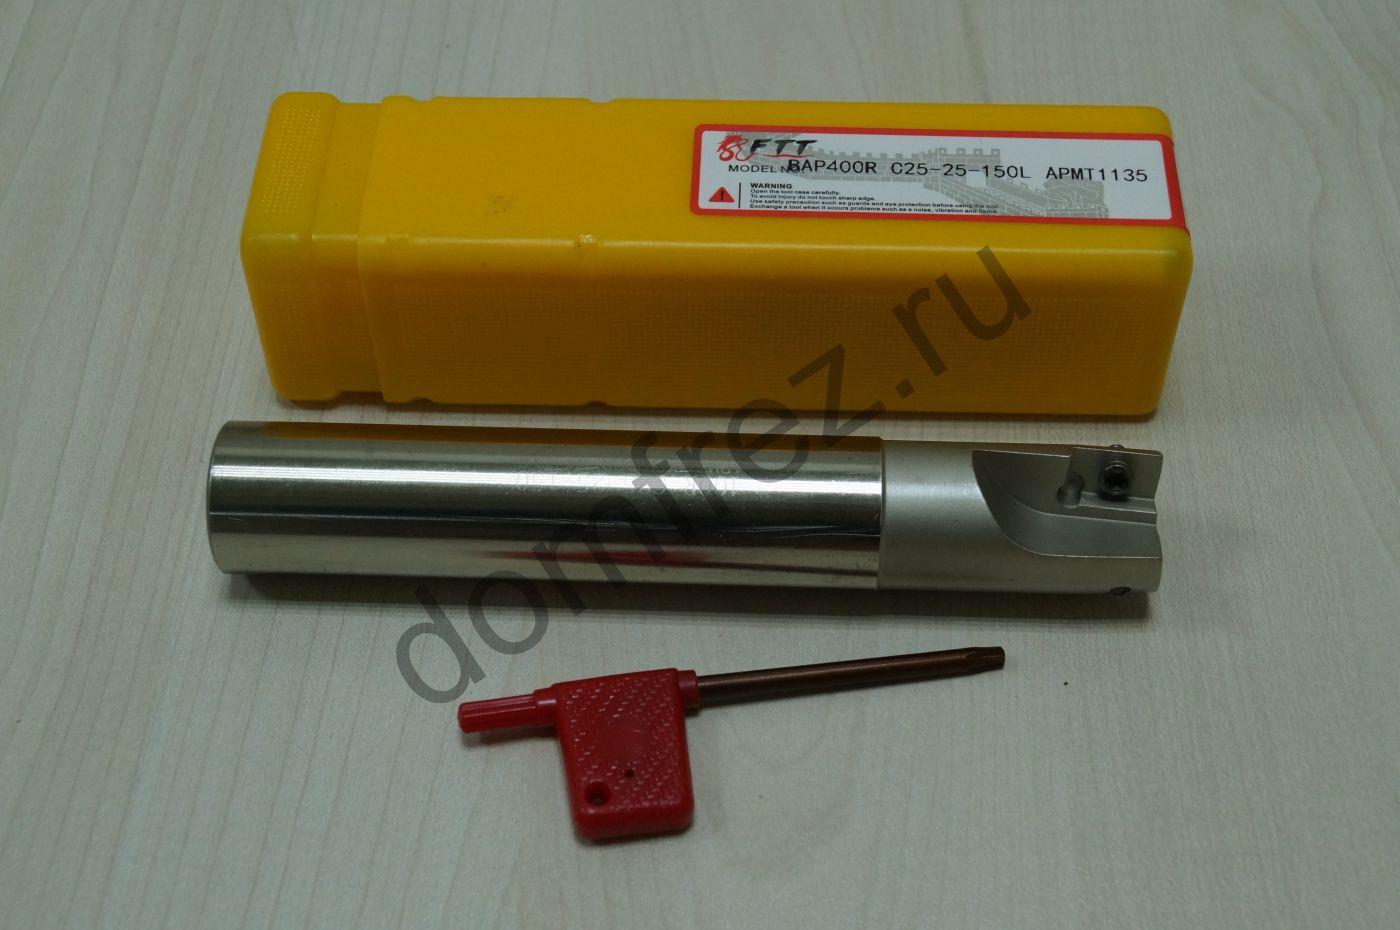 Оправка фрезерная BAP400R C25-25-150